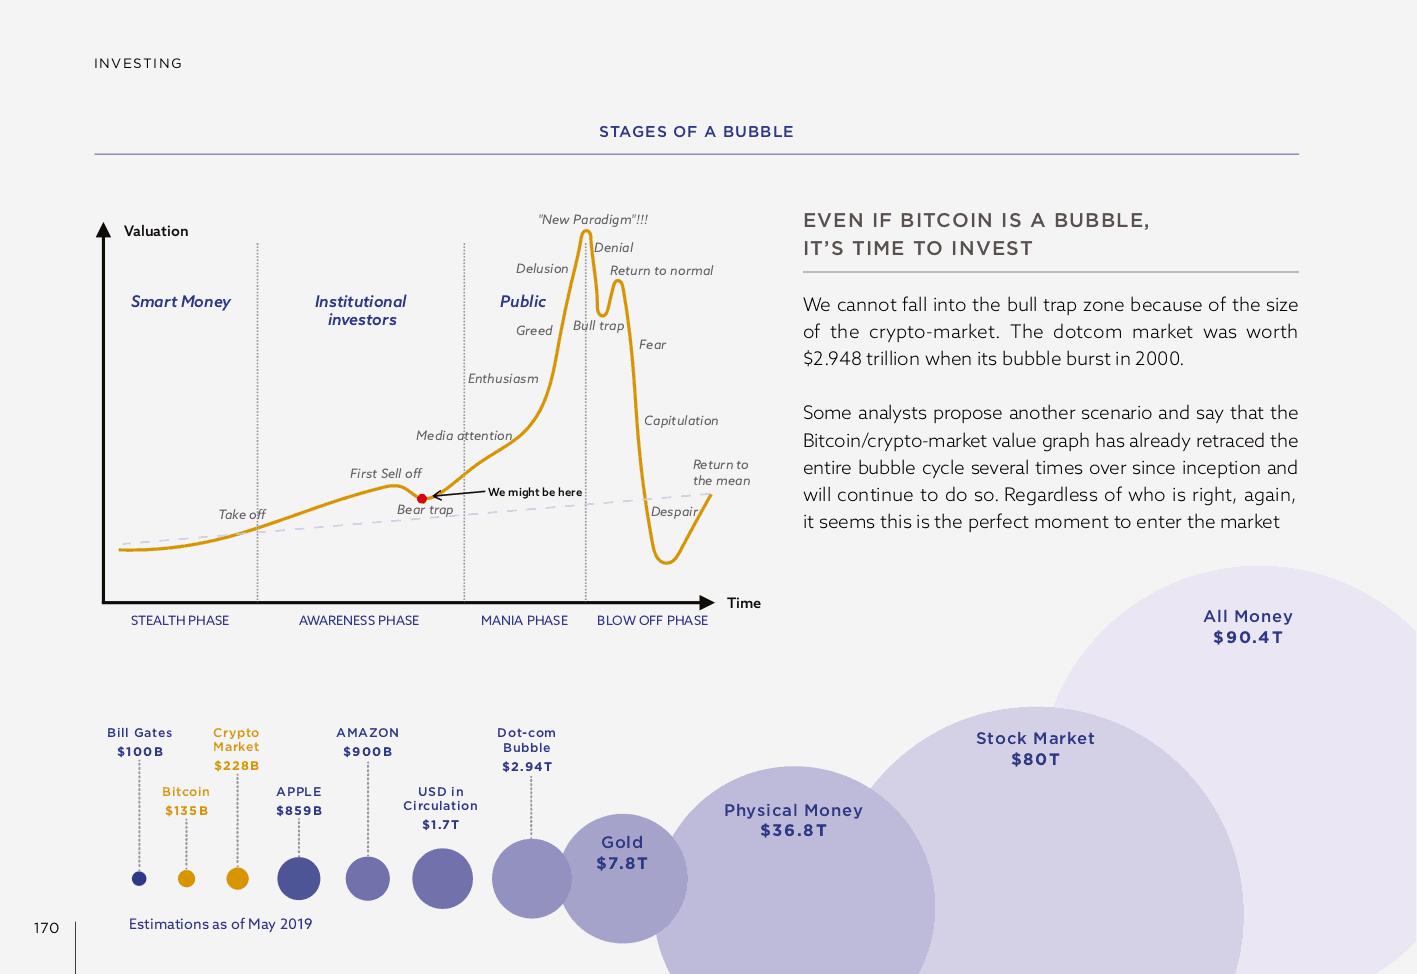 170_TheCryptoMBA_Investing_V08_FINAL